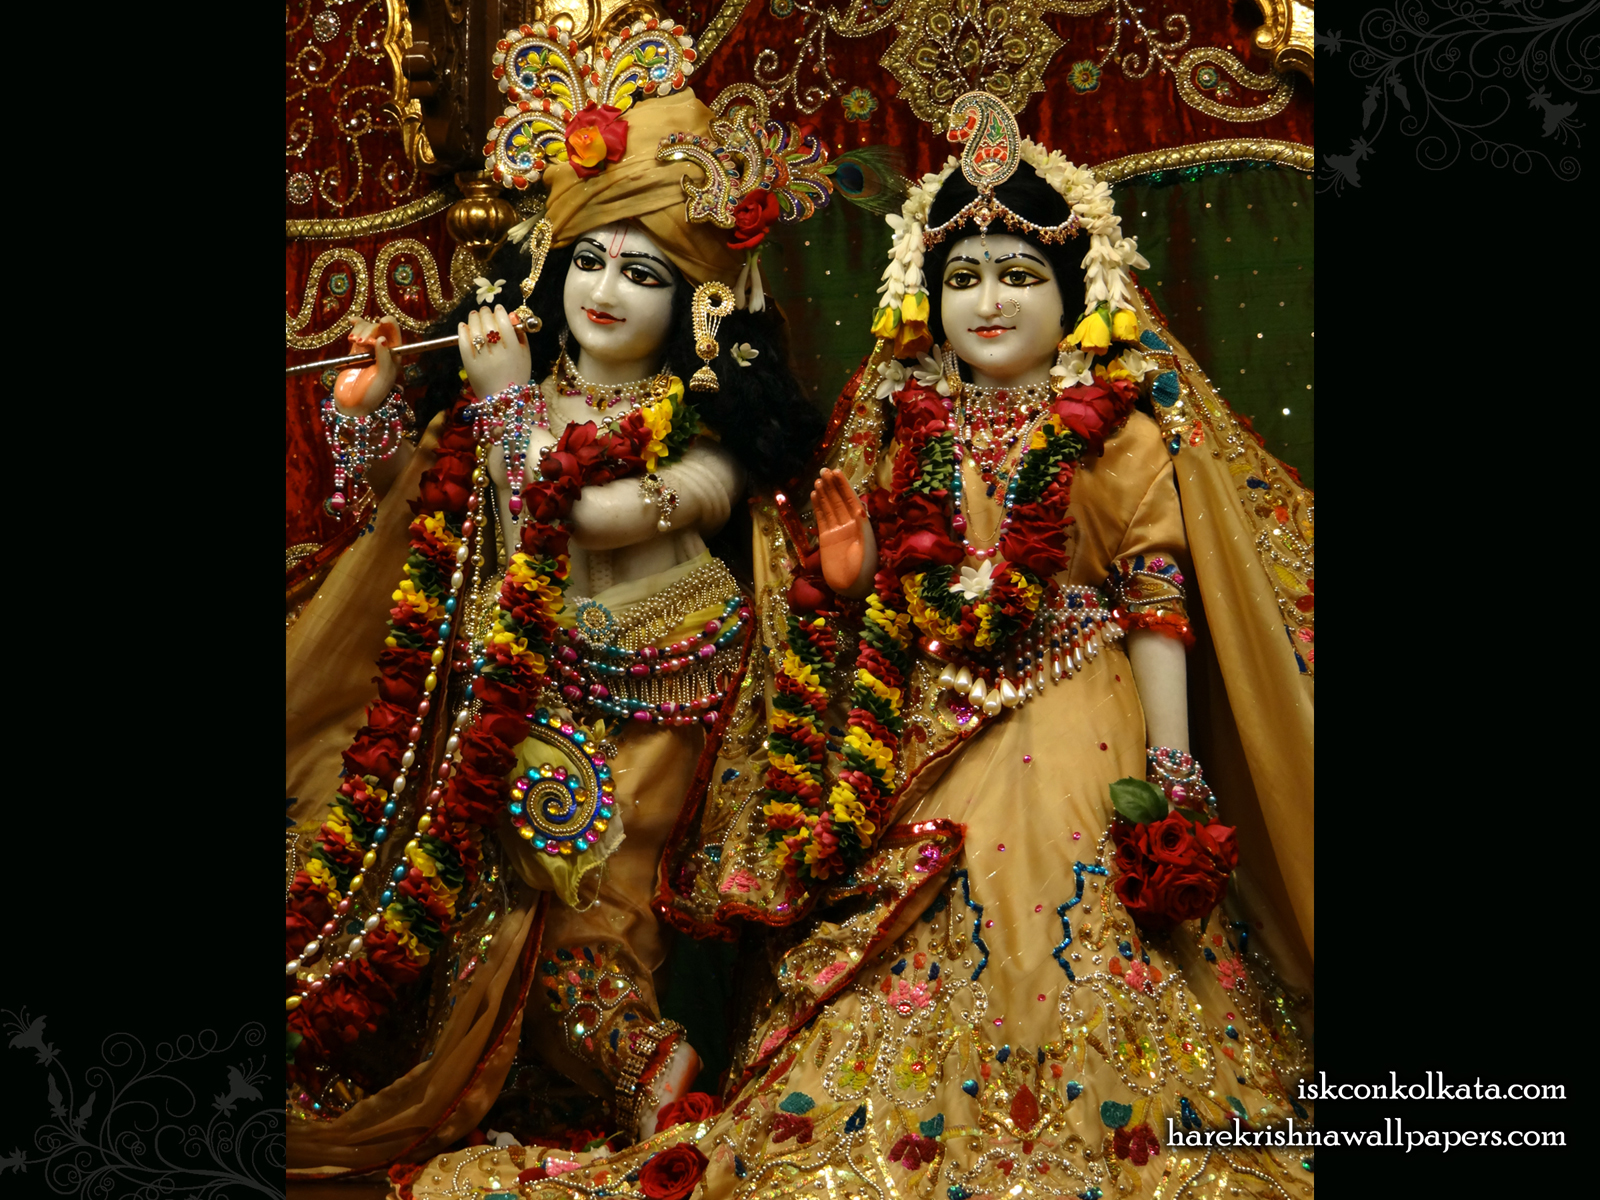 Sri Sri Radha Govinda Wallpaper (004) Size1600x1200 Download